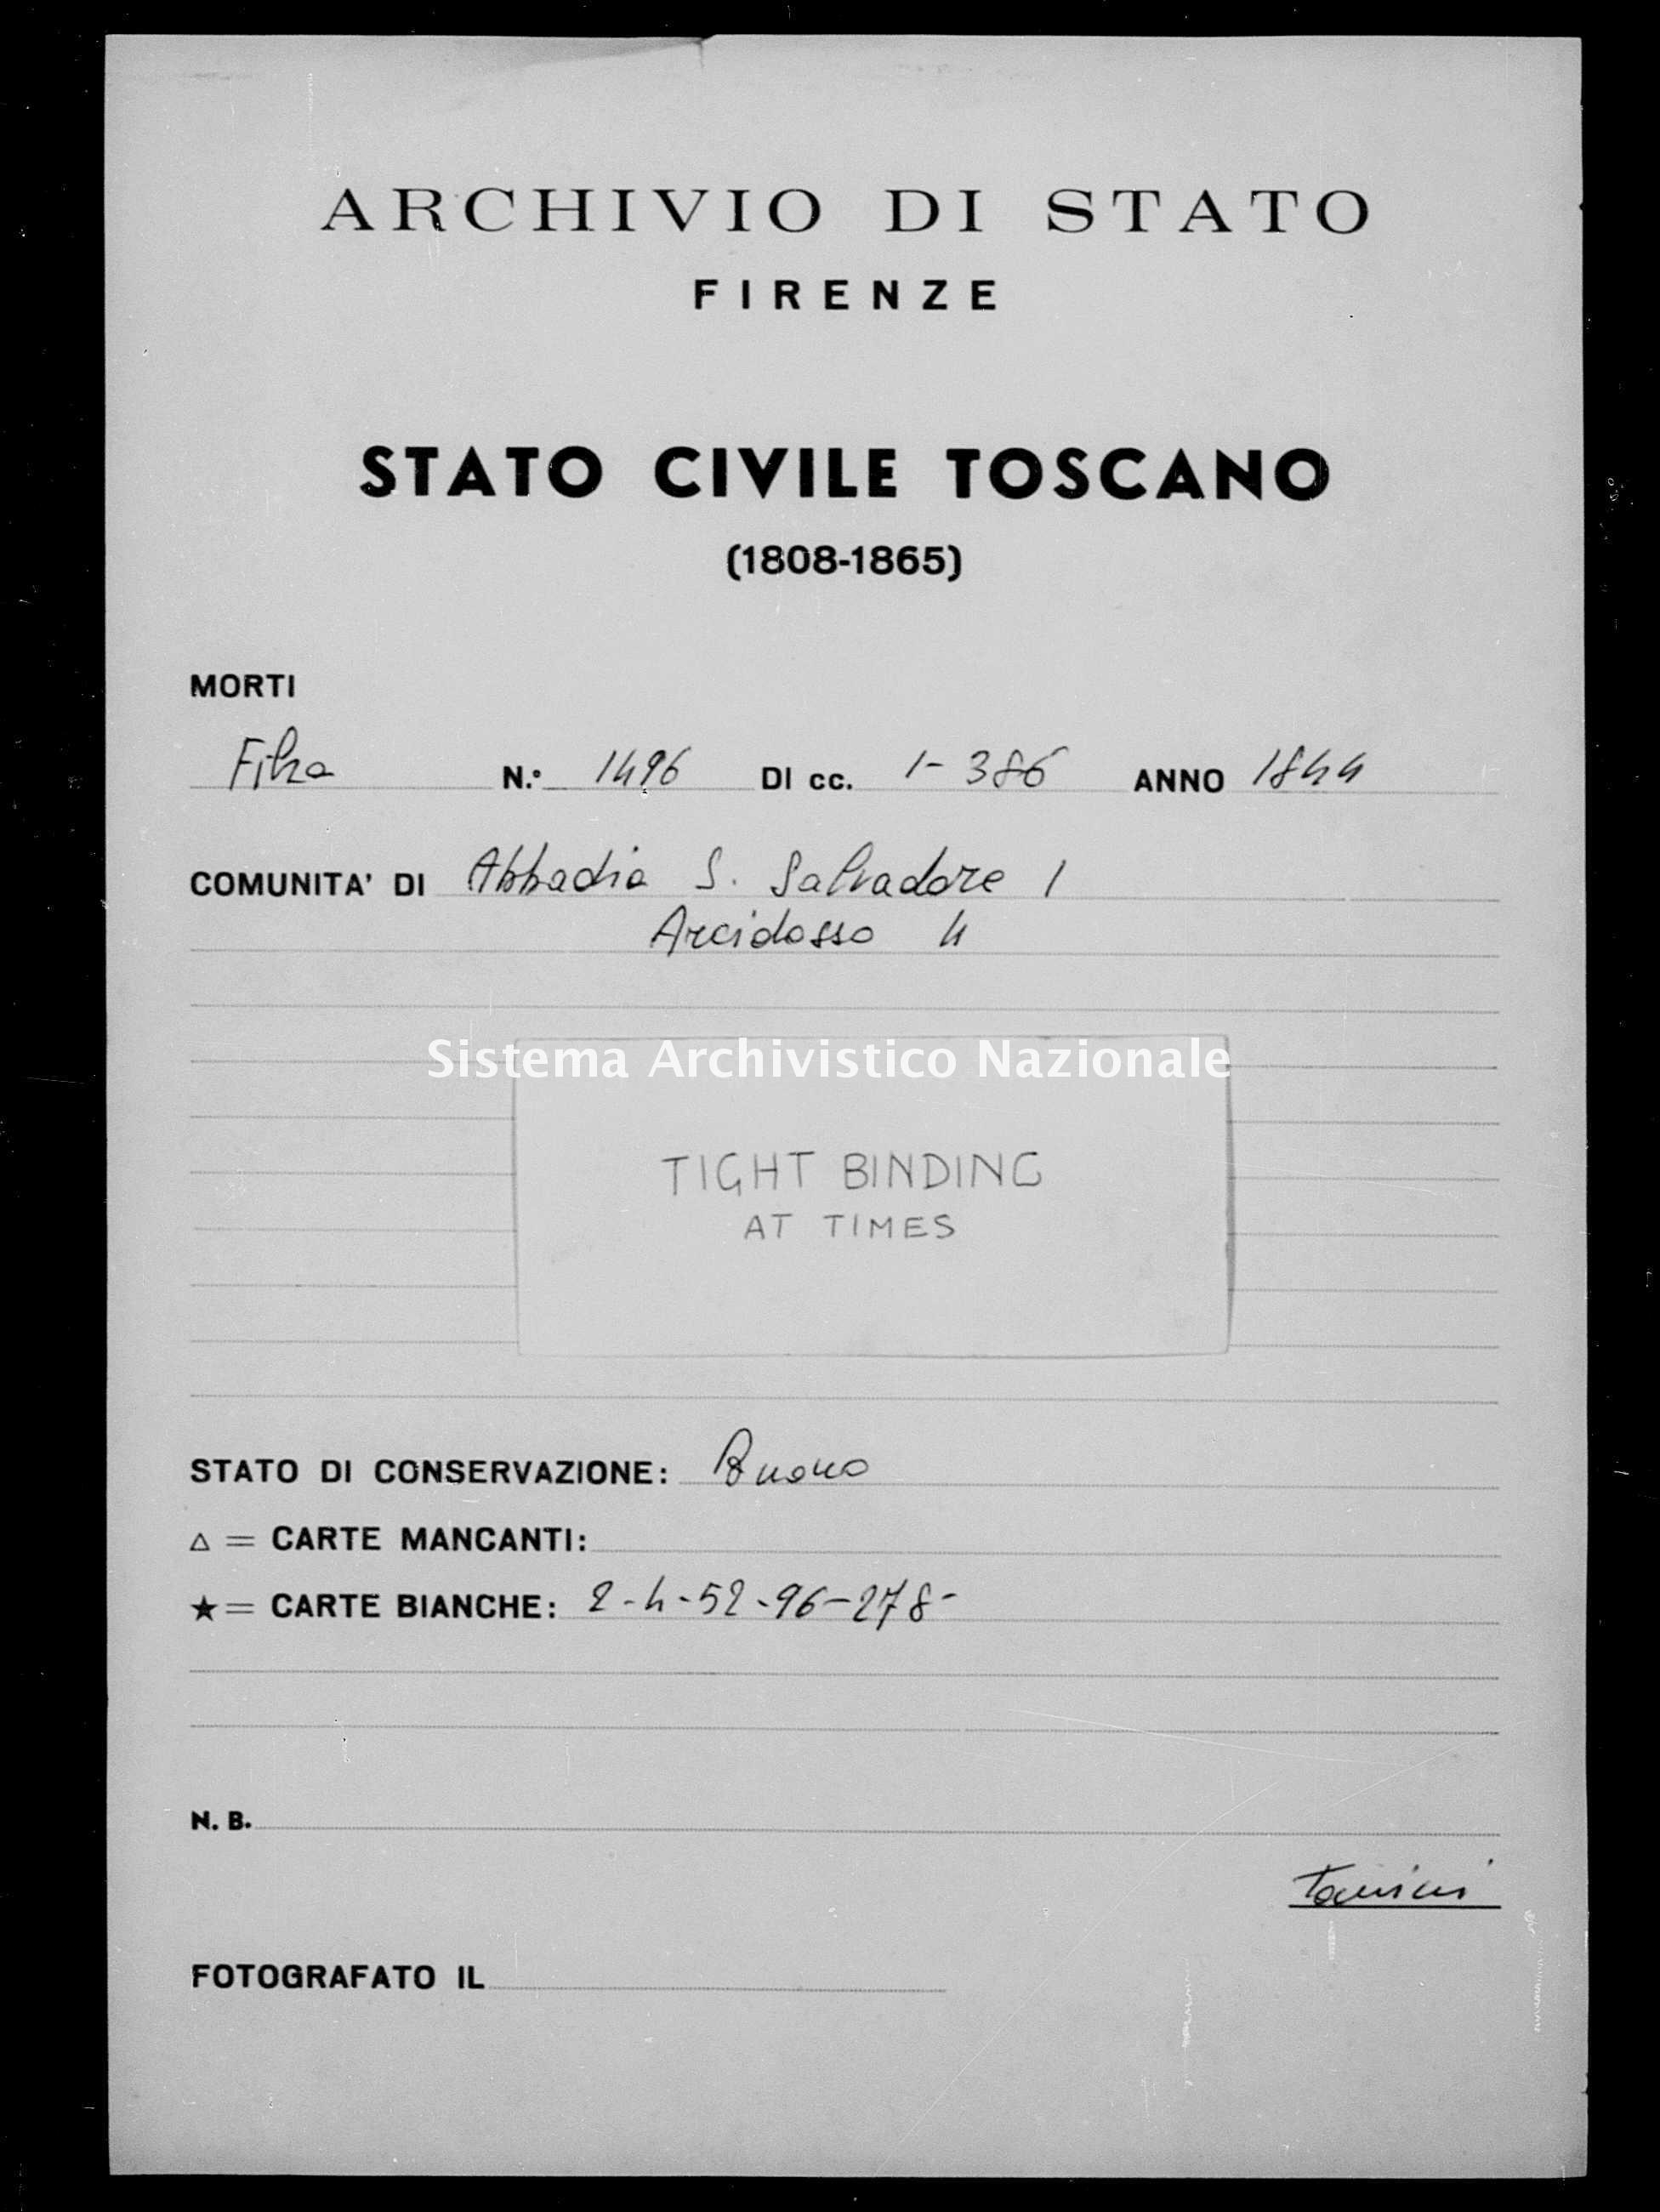 Archivio di stato di Firenze - Stato civile della restaurazione - Abbadia San Salvatore - Morti - 1845 - 1496 -